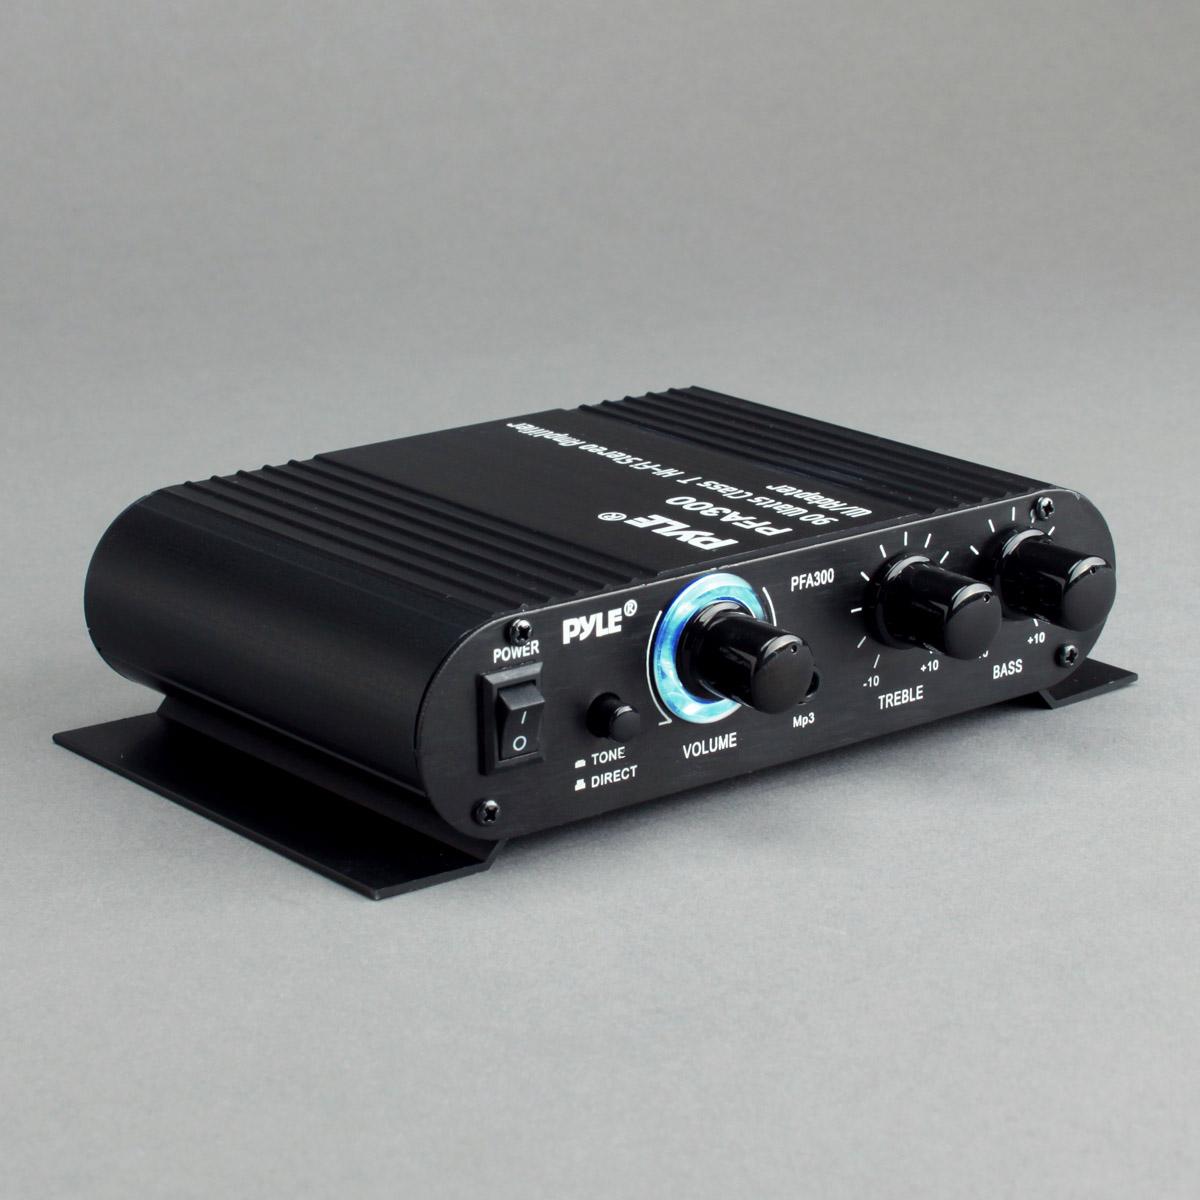 Microfiber Cloth Jb Hi Fi: High Fidelity 90 Watt Class T Mini Stereo Amplifier W